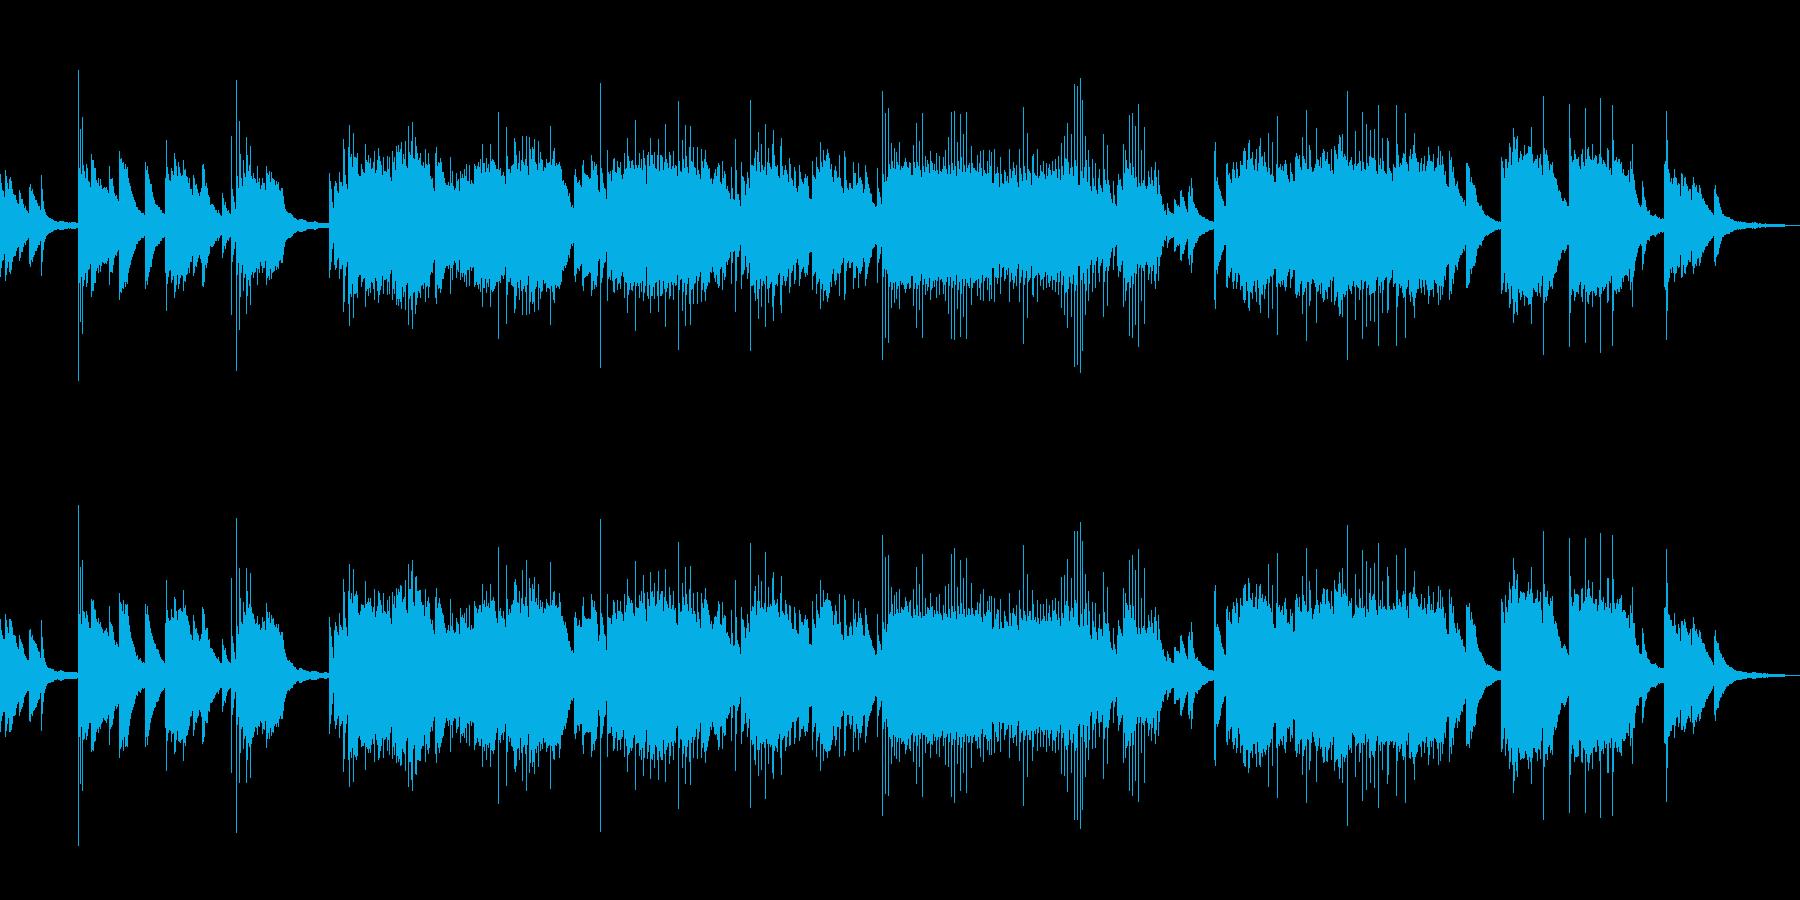 美しいピアノ・ソロ曲の再生済みの波形